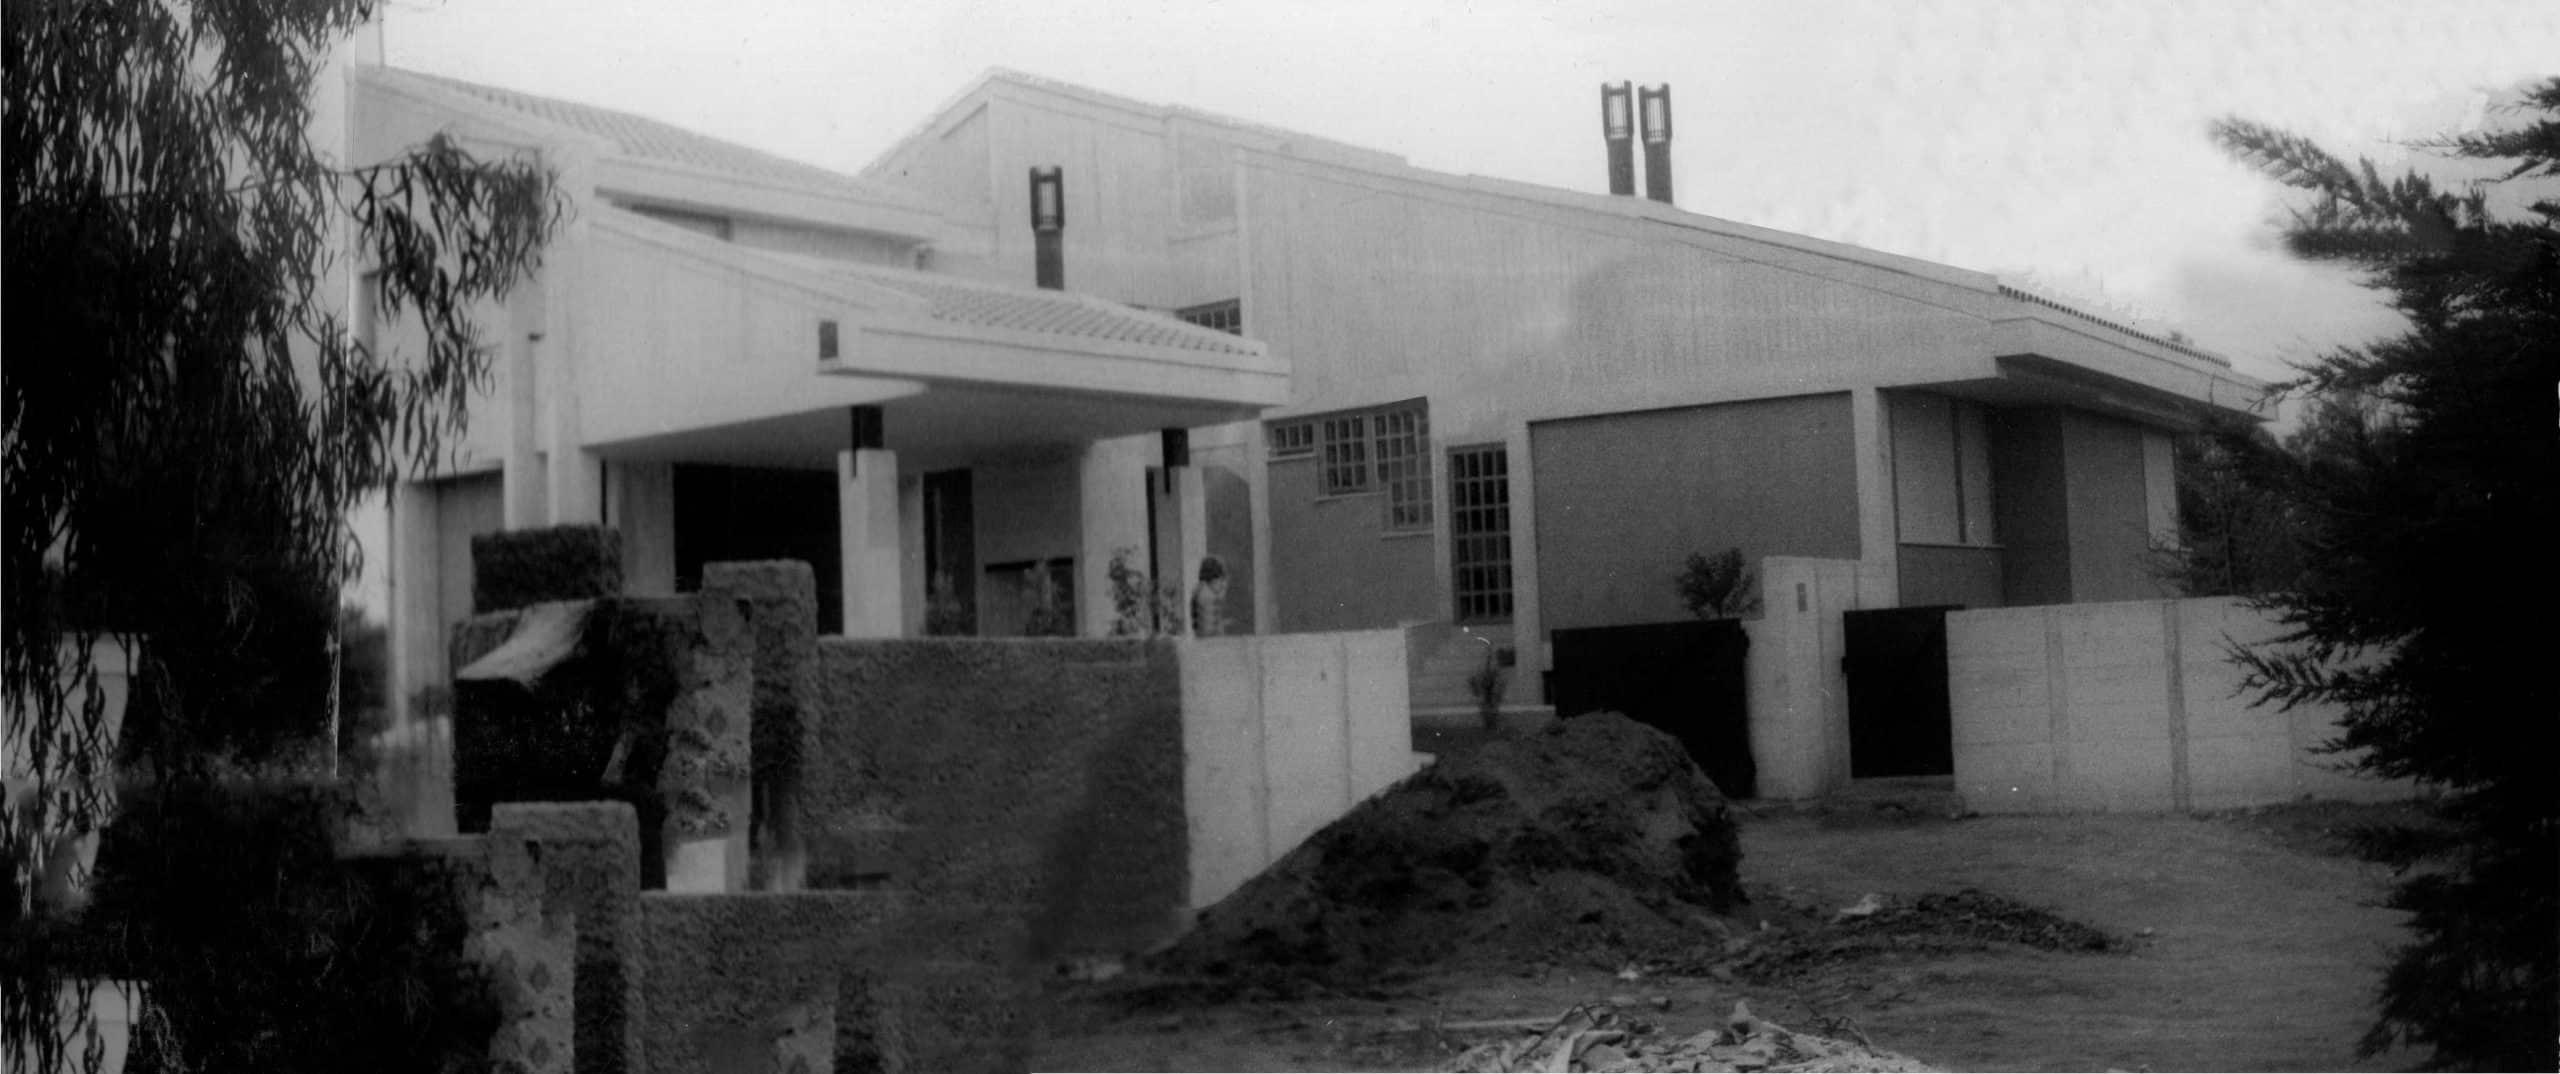 3 -  Abitazione unifamiliare a Marina Velca, Tarquinia (VT) - Vista esterna